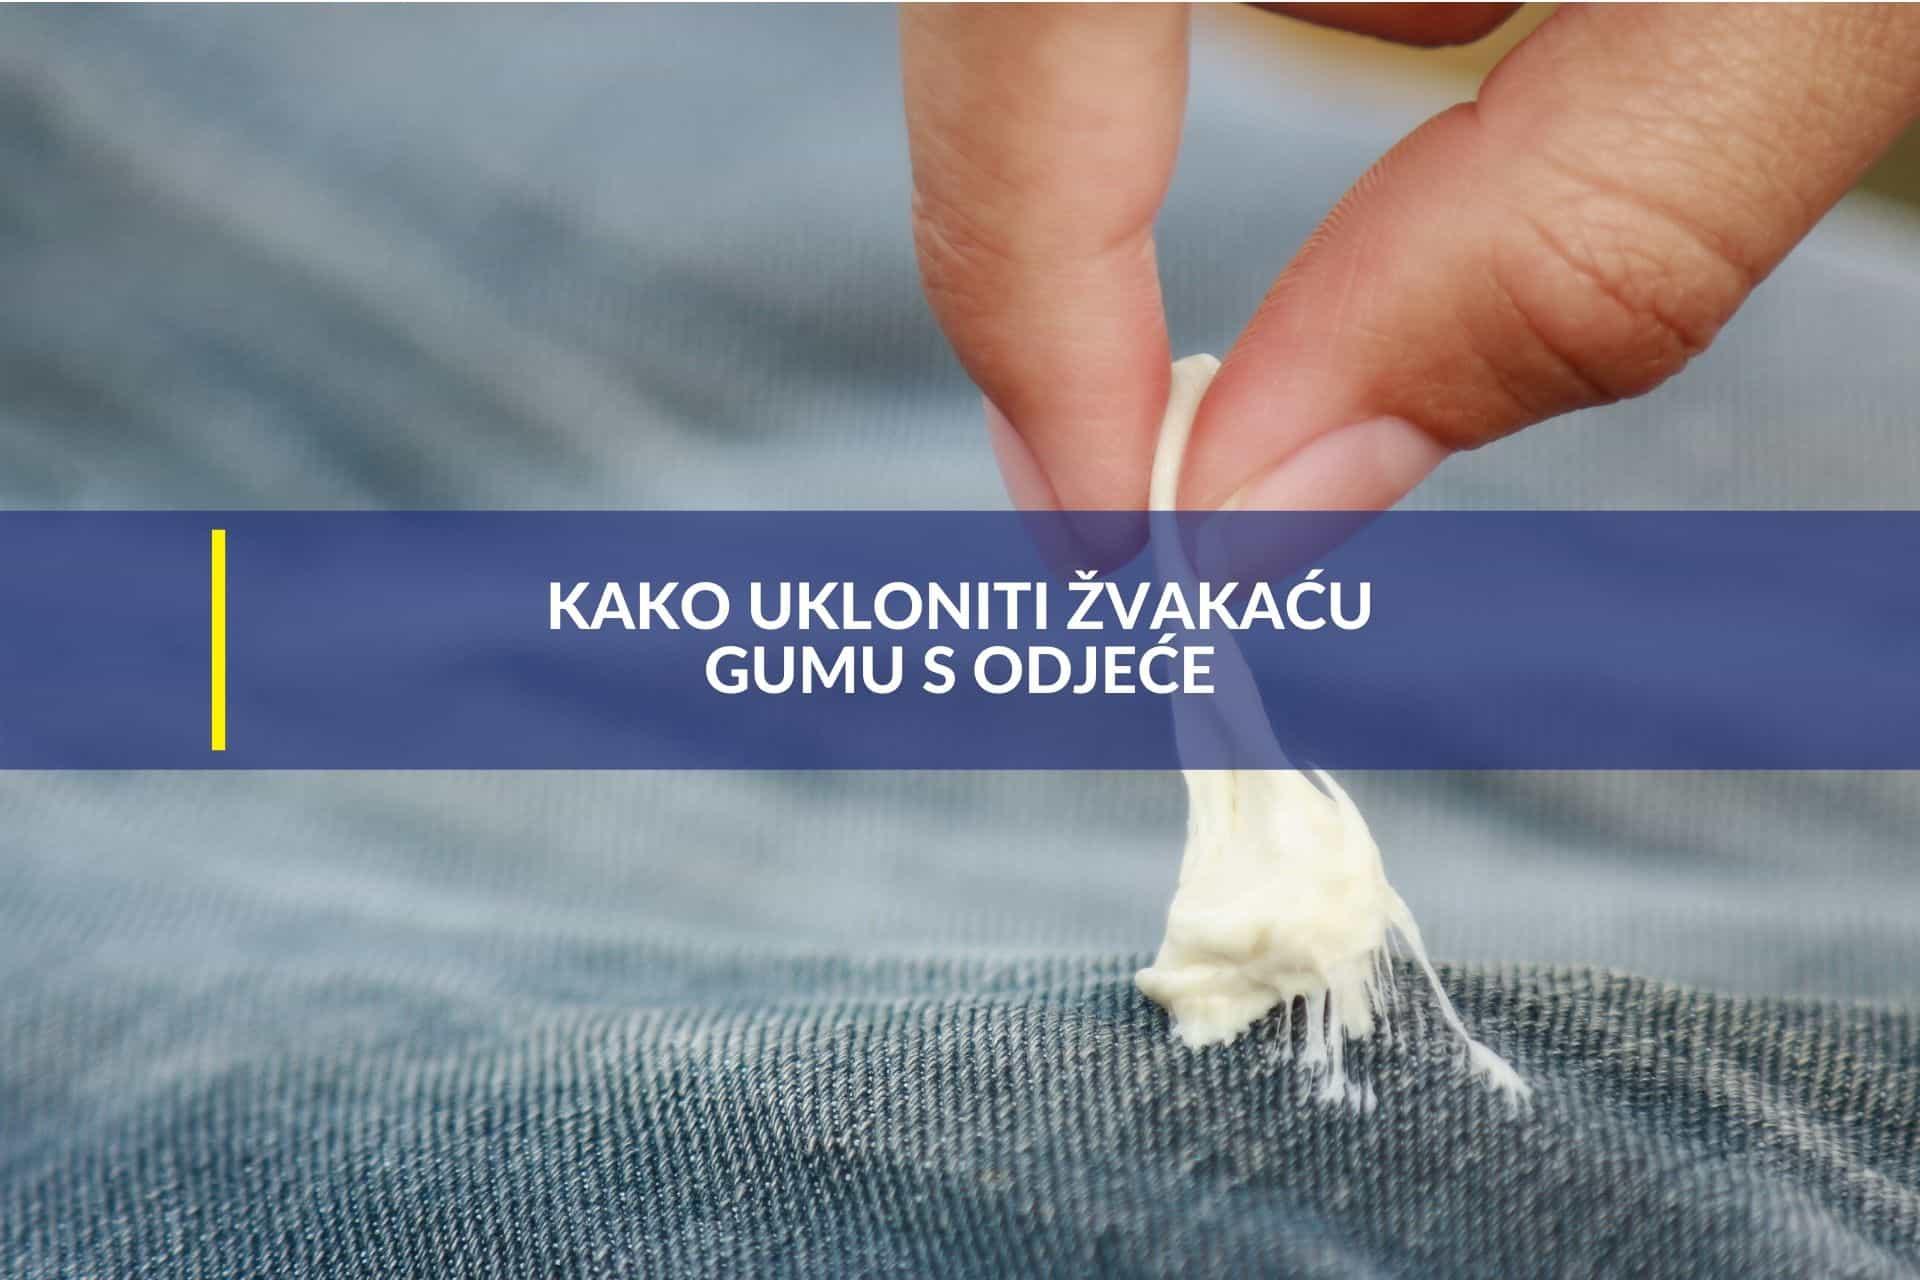 ukloniti žvakaću gumu s odjeće